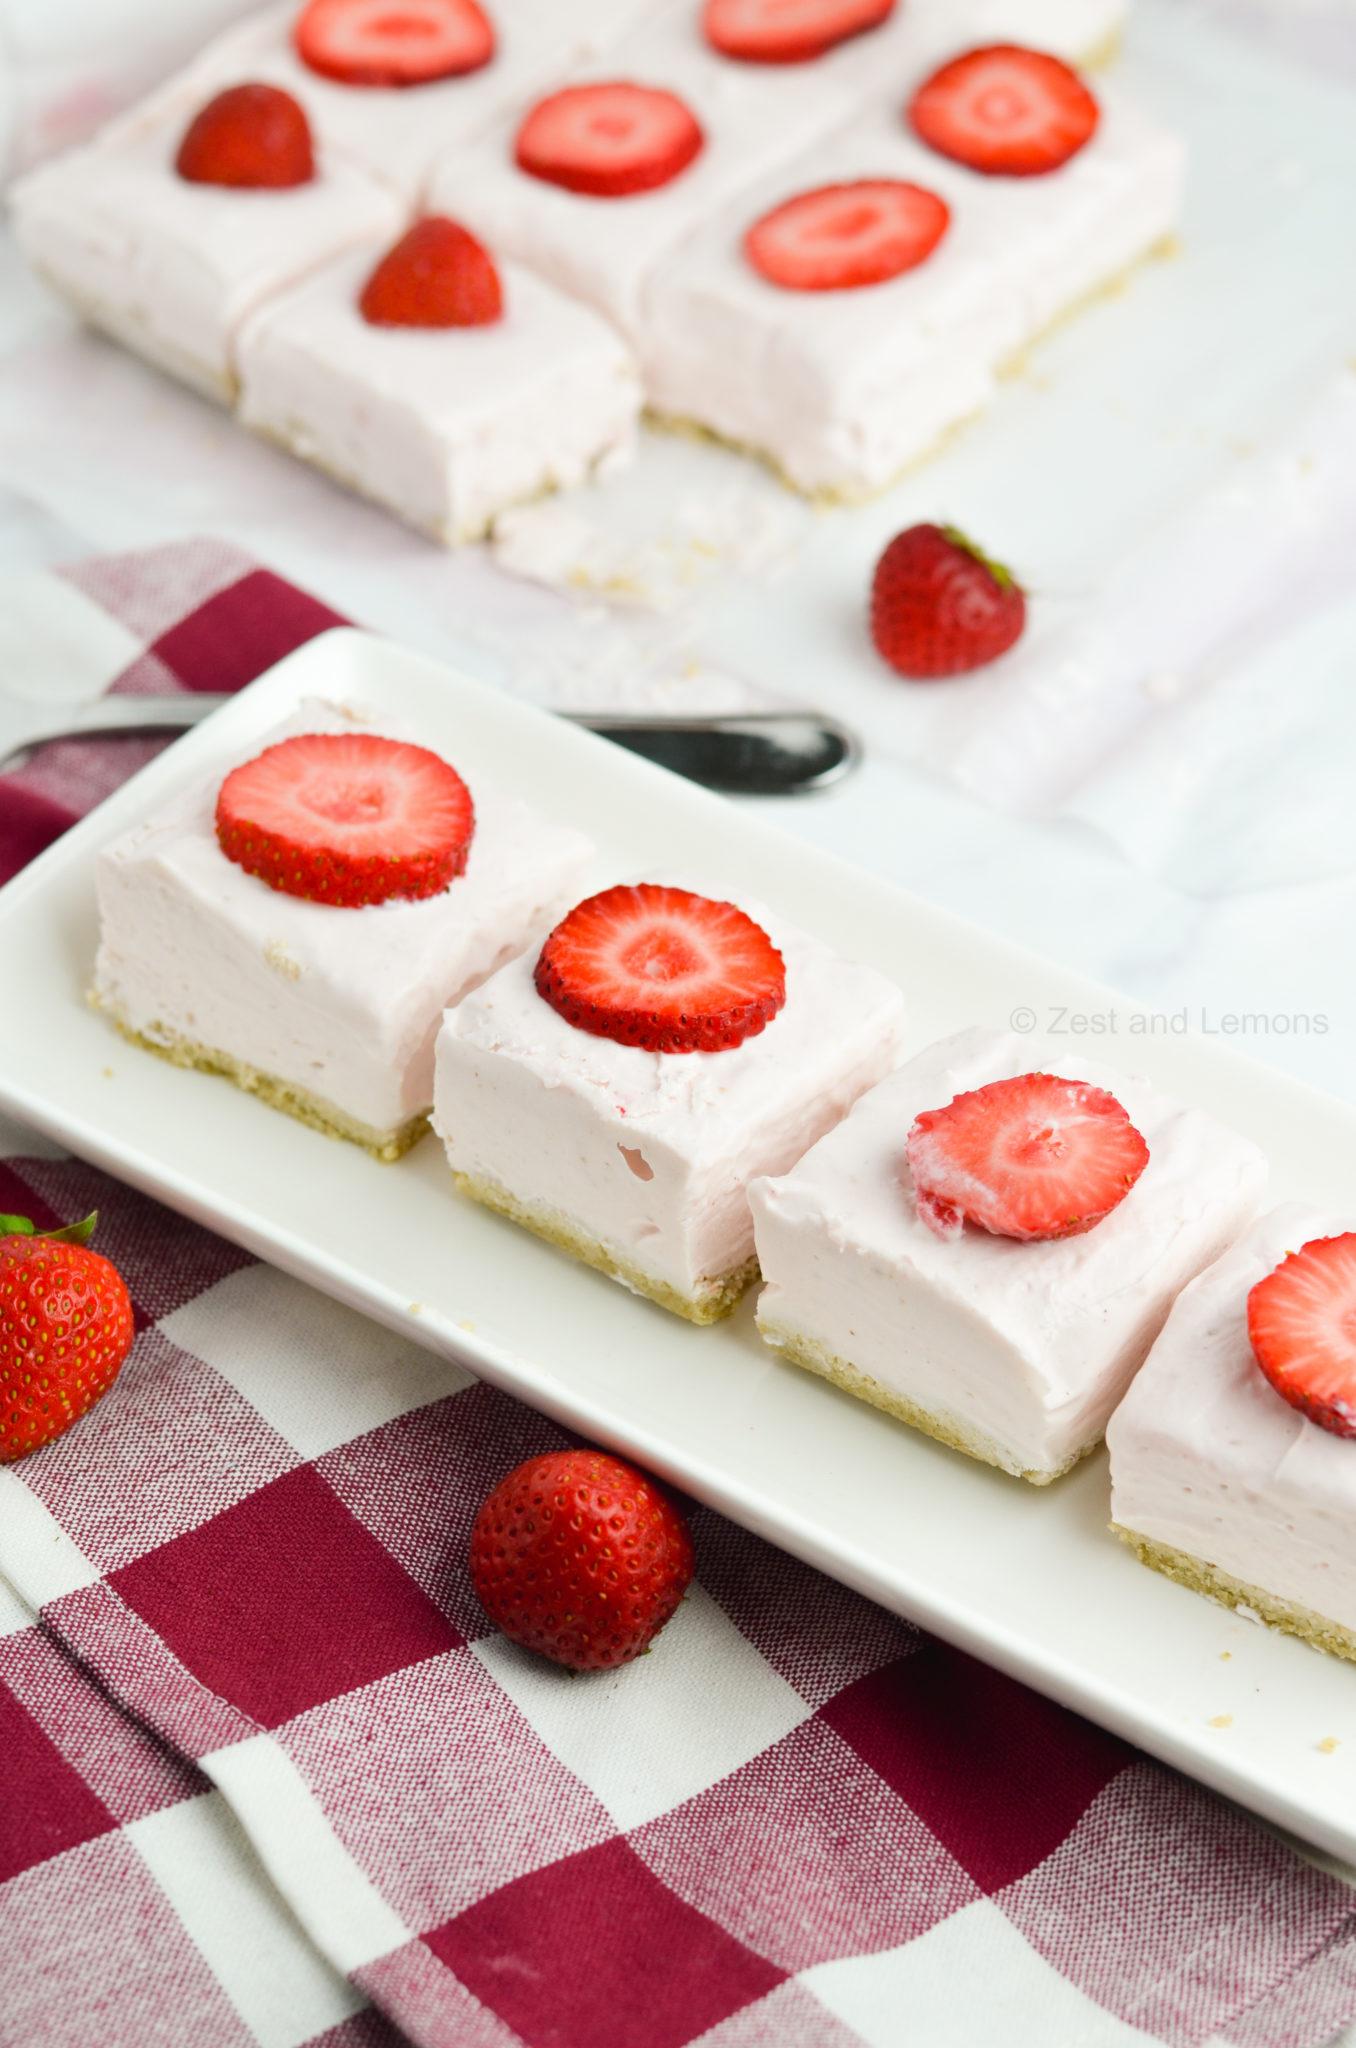 No-Bake Strawberry Cheesecake Bars